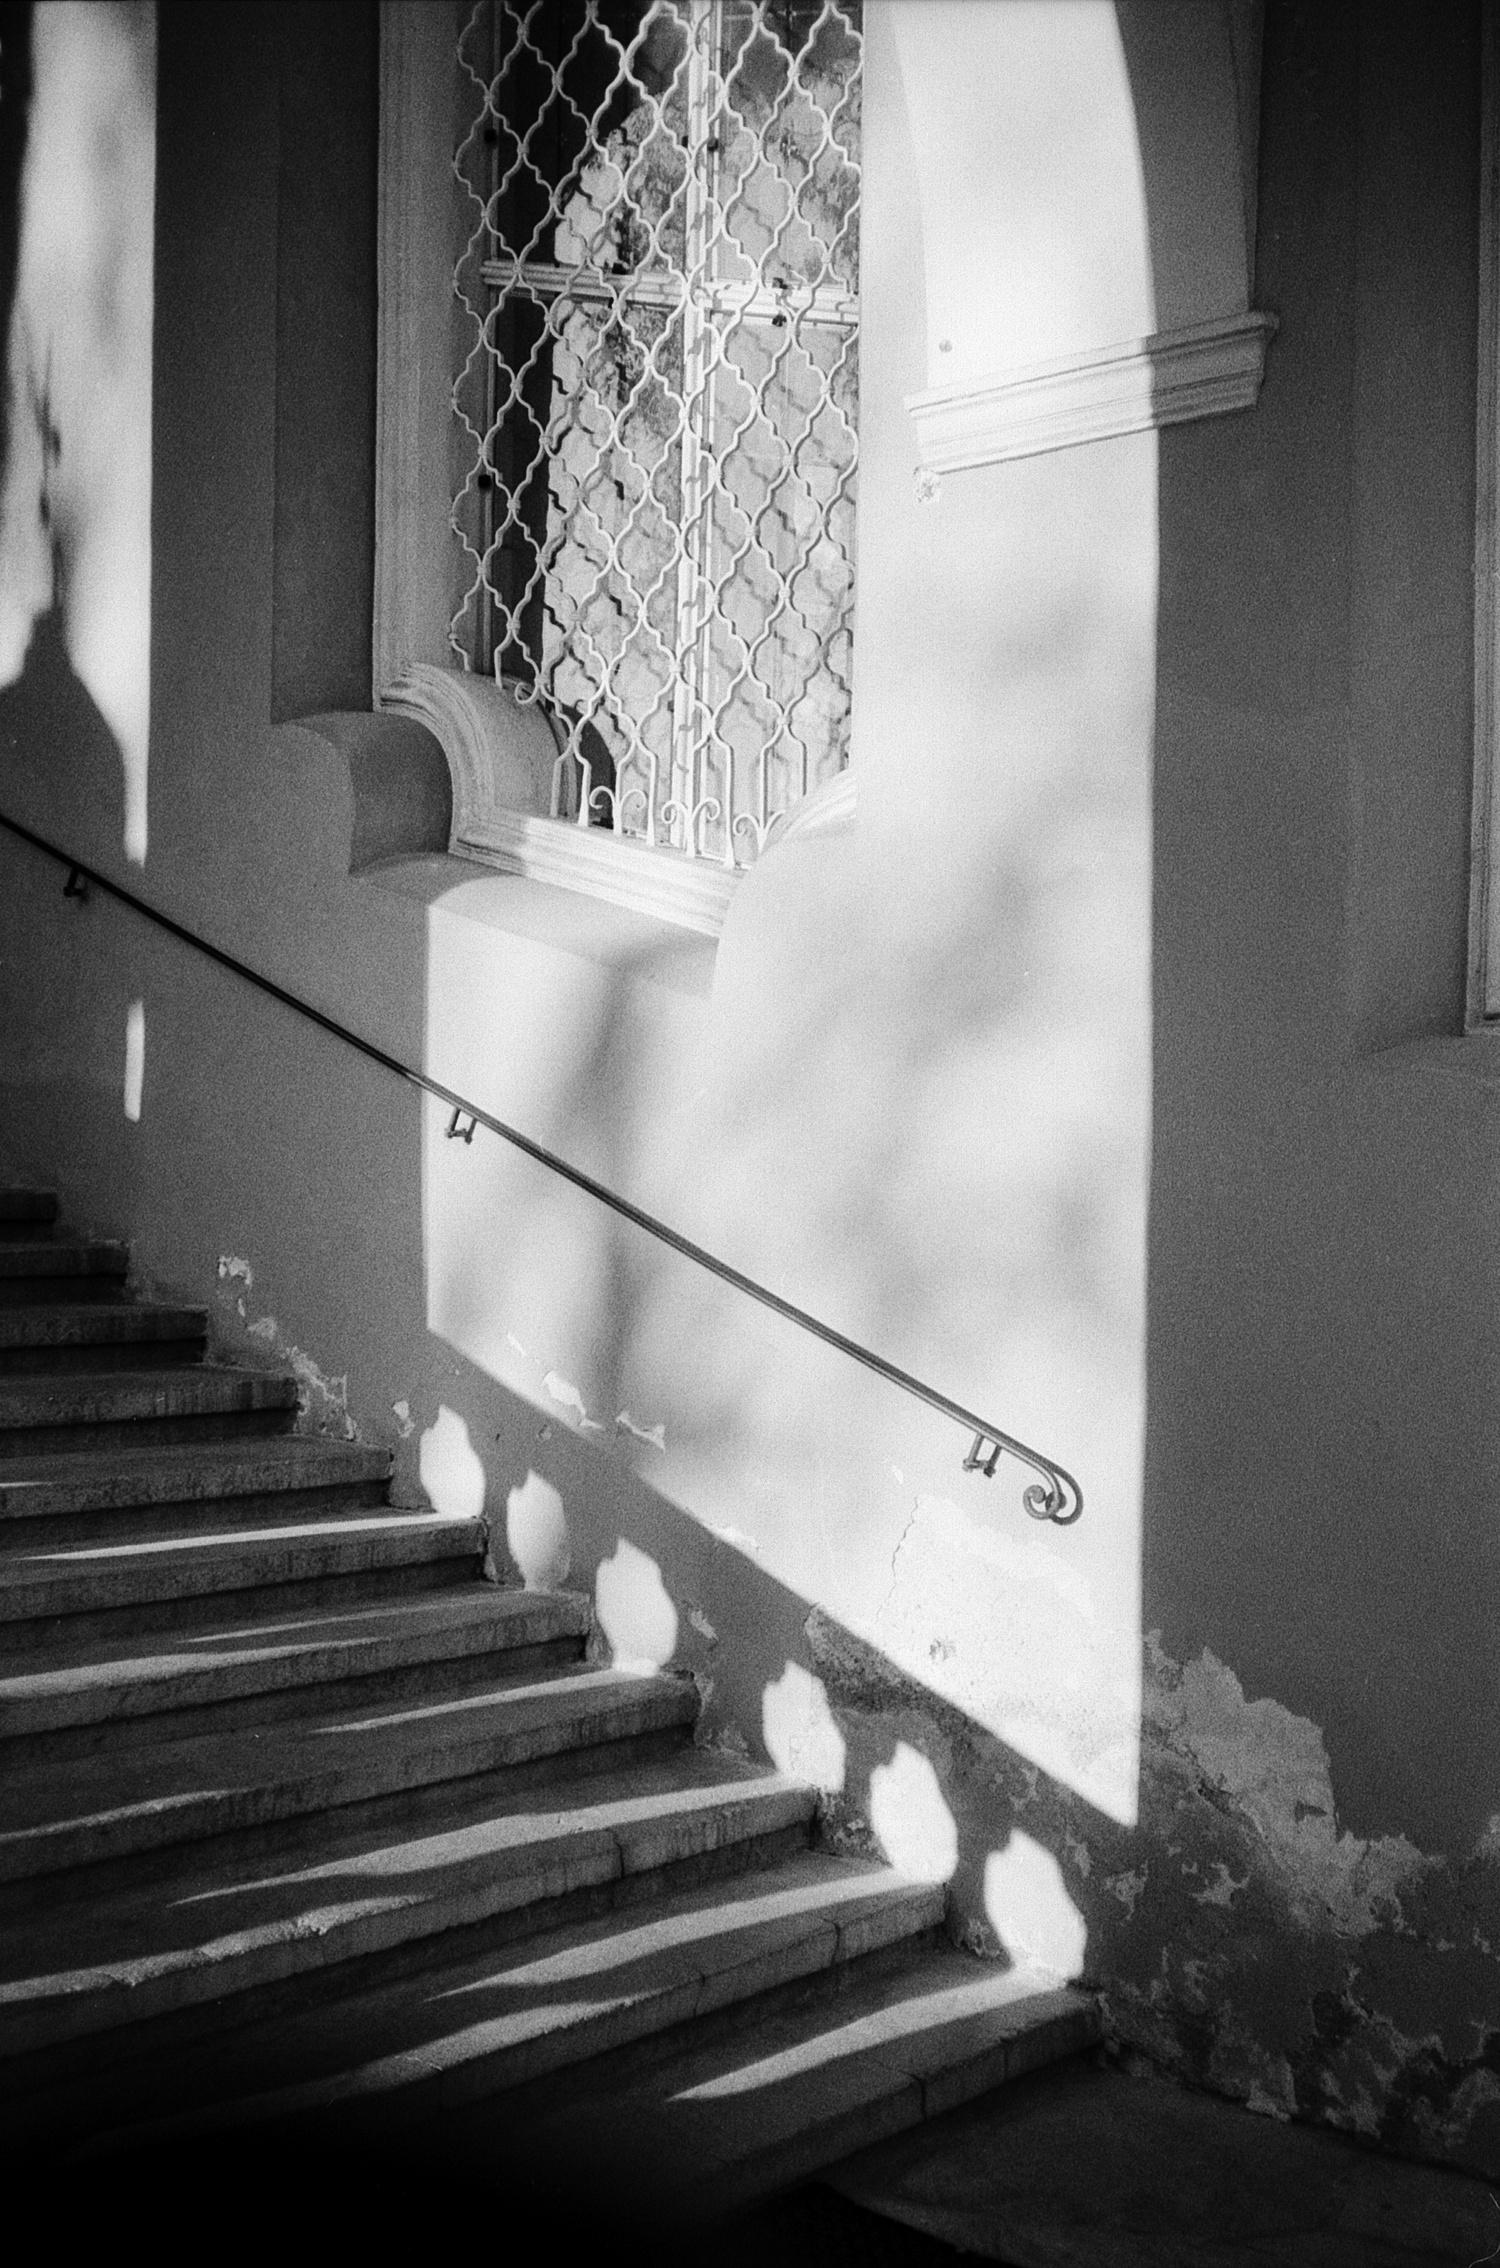 #107 Light on the staircase, Kalvarienberg Graz